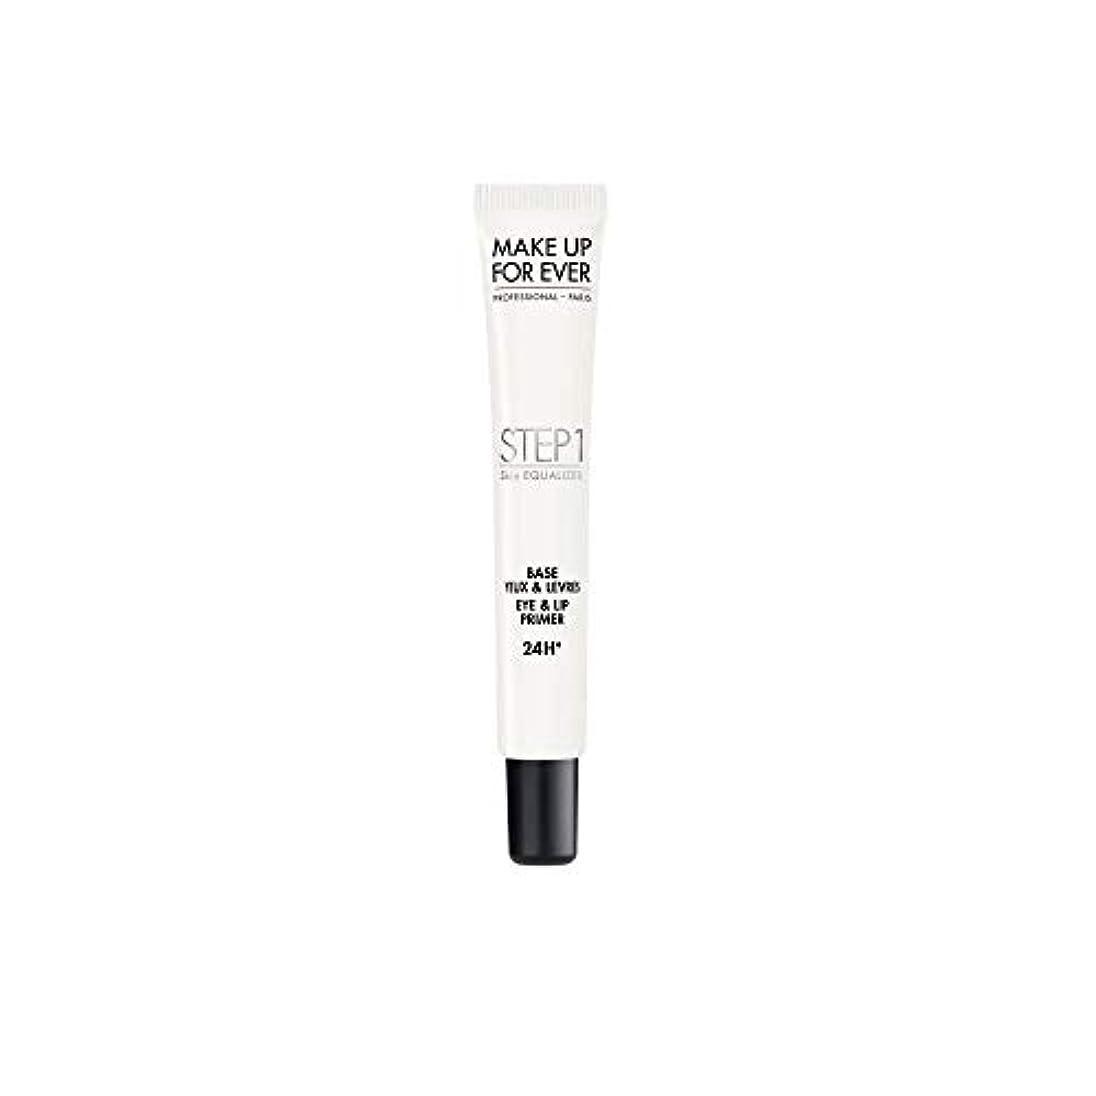 メイクアップフォーエバー Step 1 Eye & Lip Primer 10ml/0.33oz並行輸入品